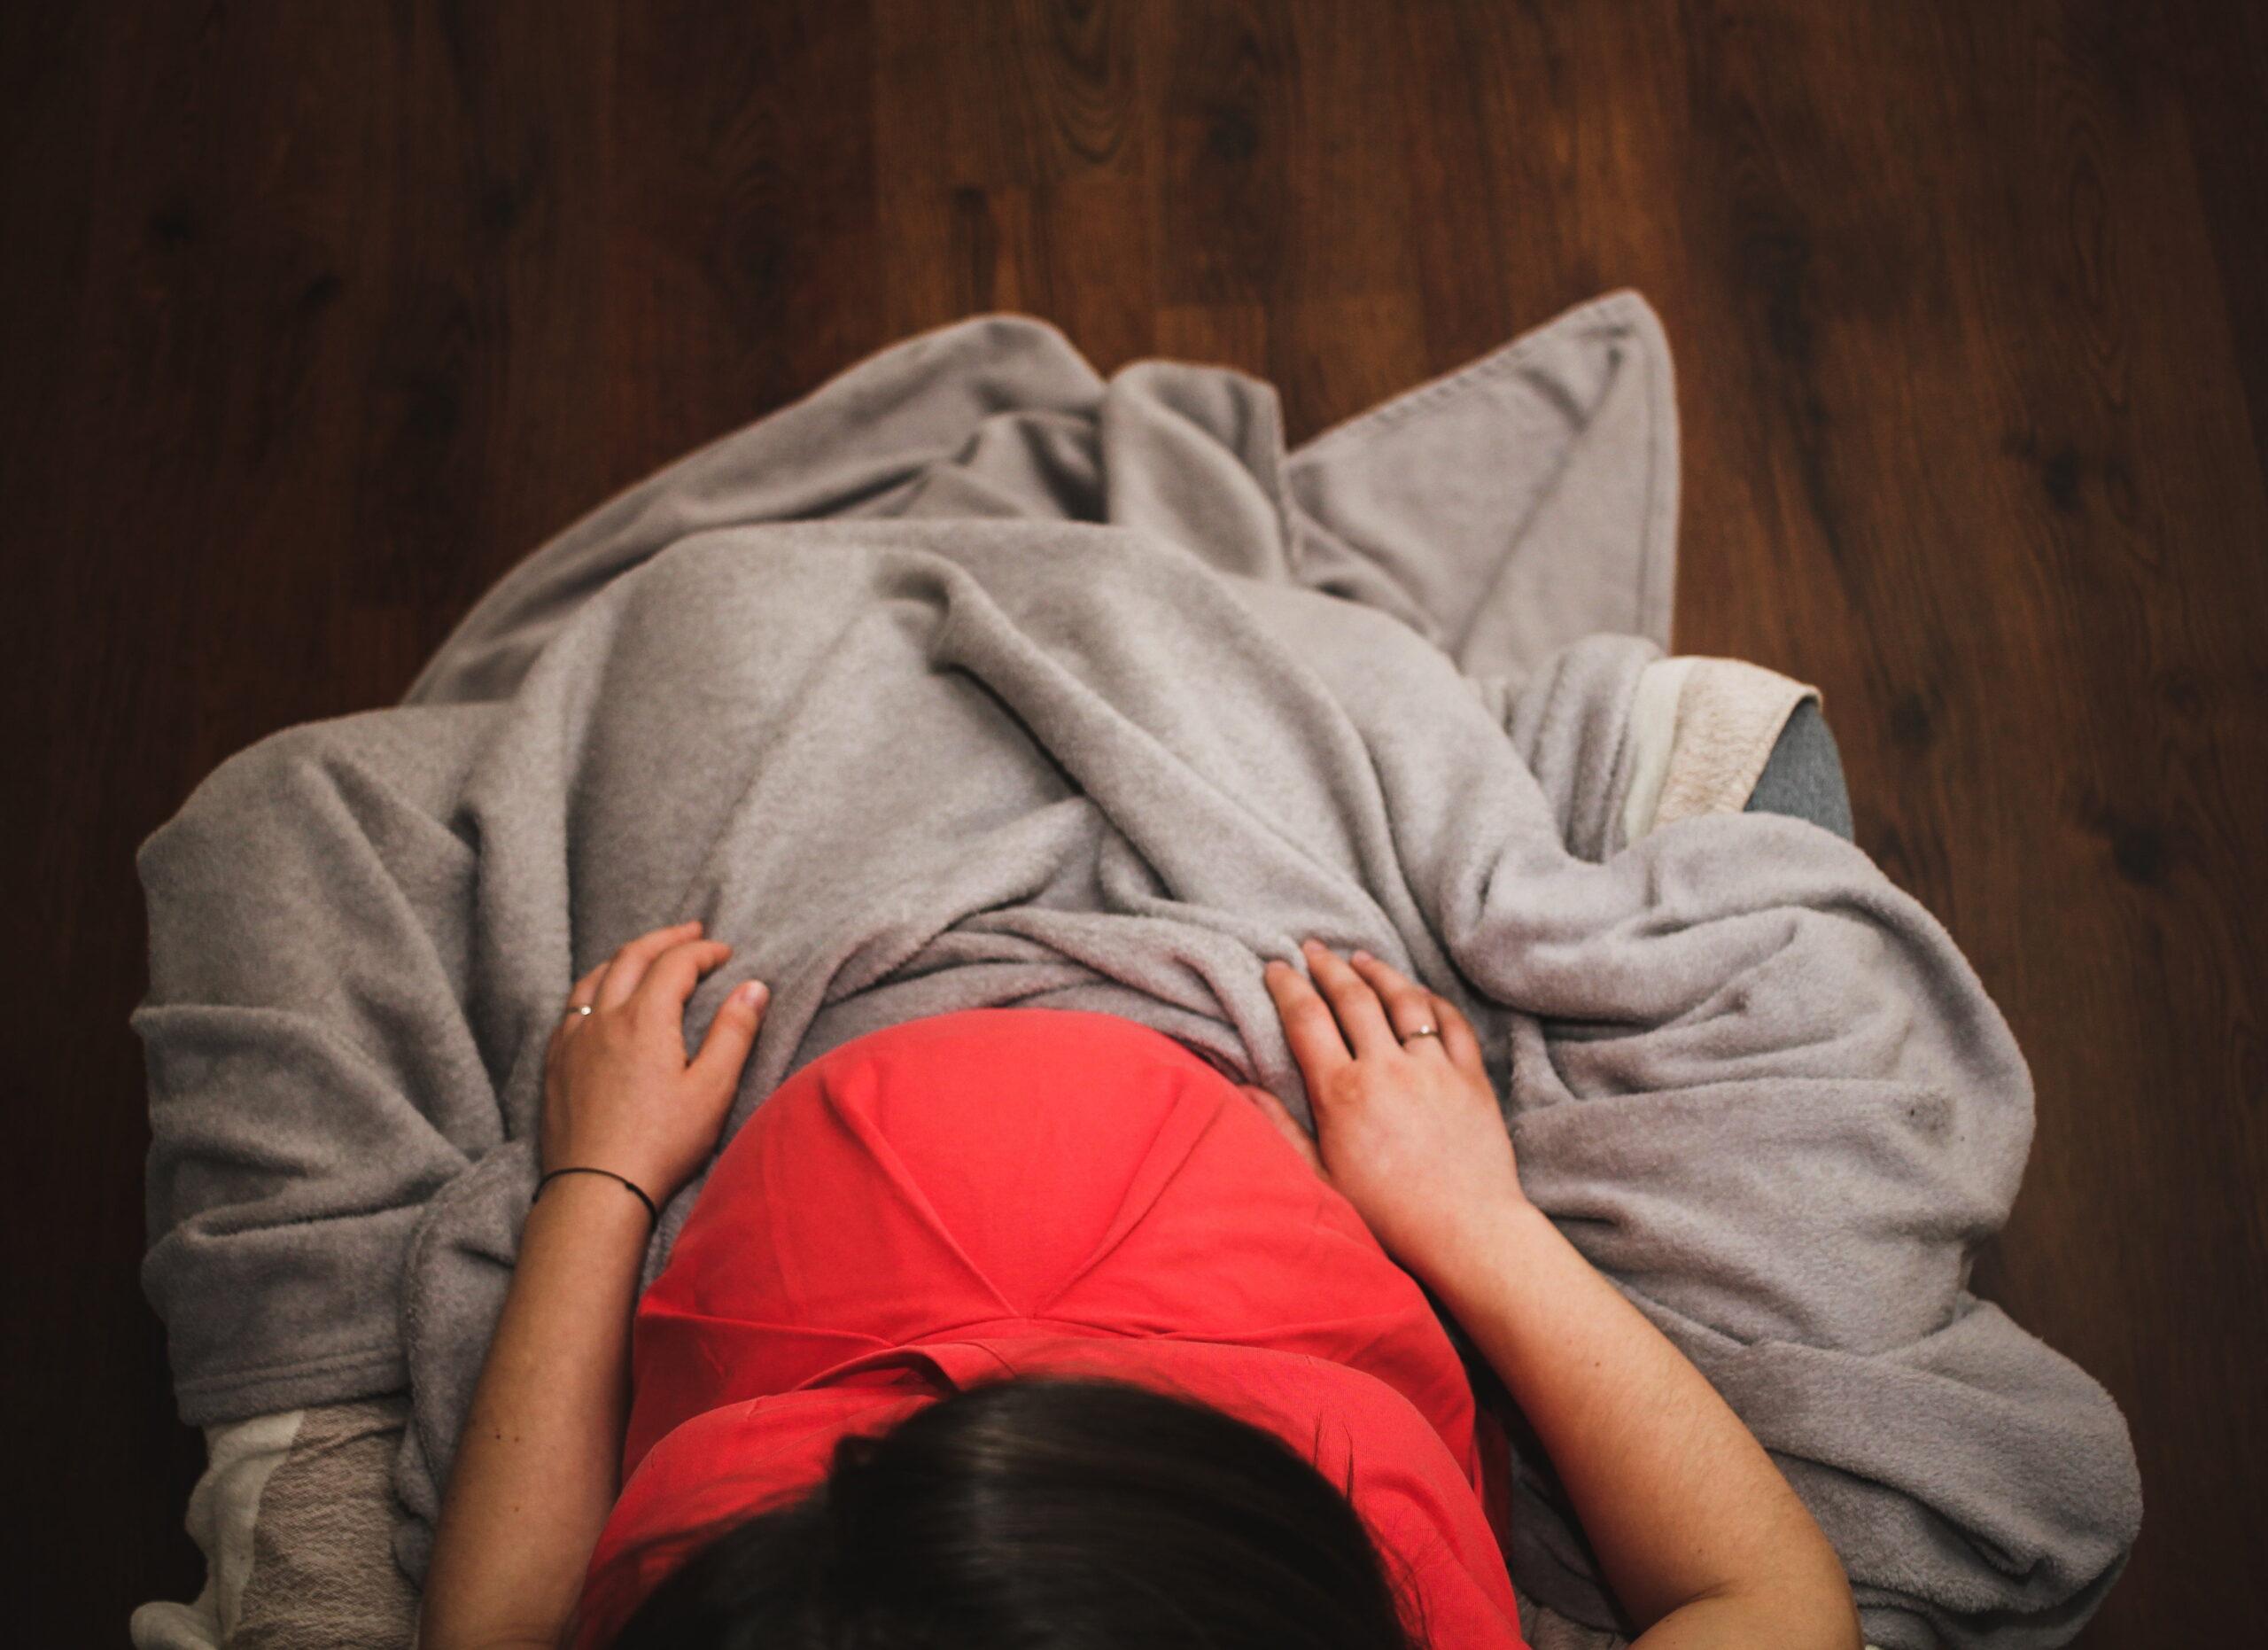 Przez pomyłkę rzuciłaś pracę w trakcie ciąży? Możesz naprawić ten błąd